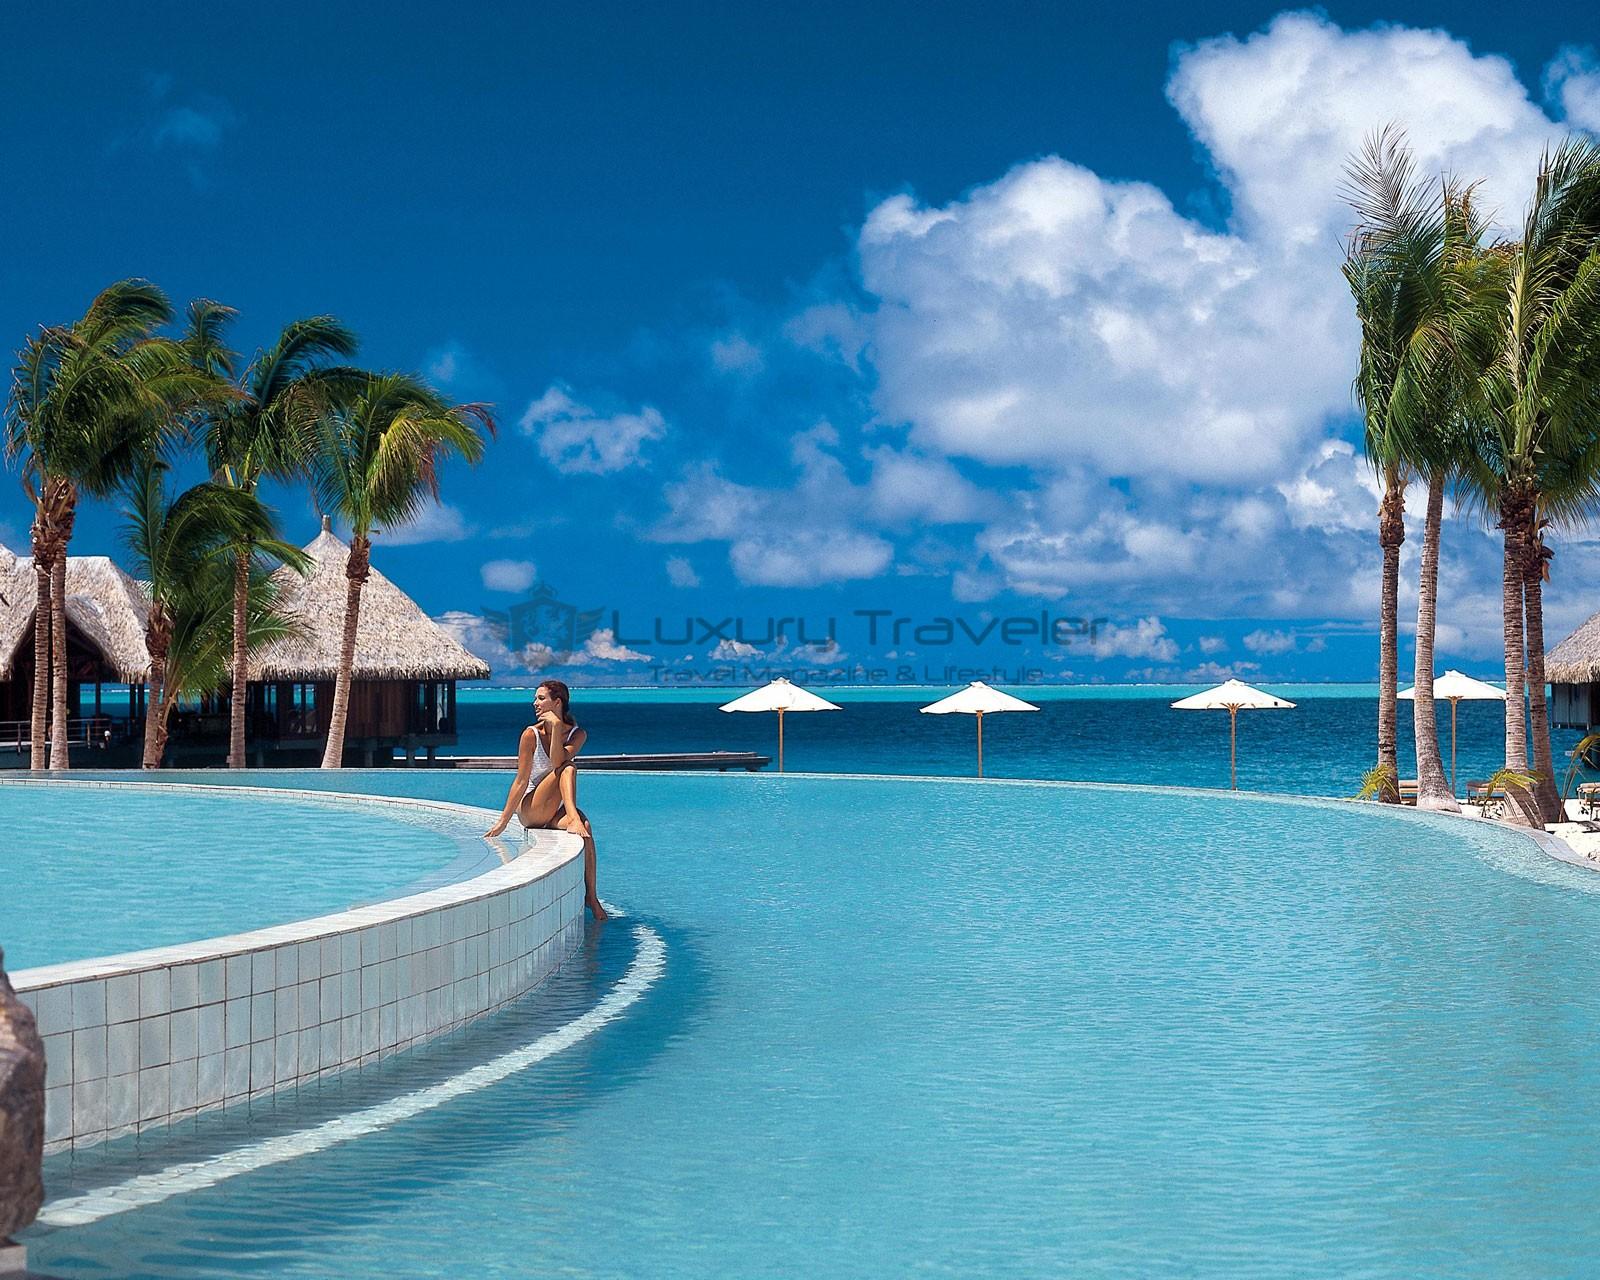 Hilton-Bora-Bora-Nui-Resort_French_Polynesia